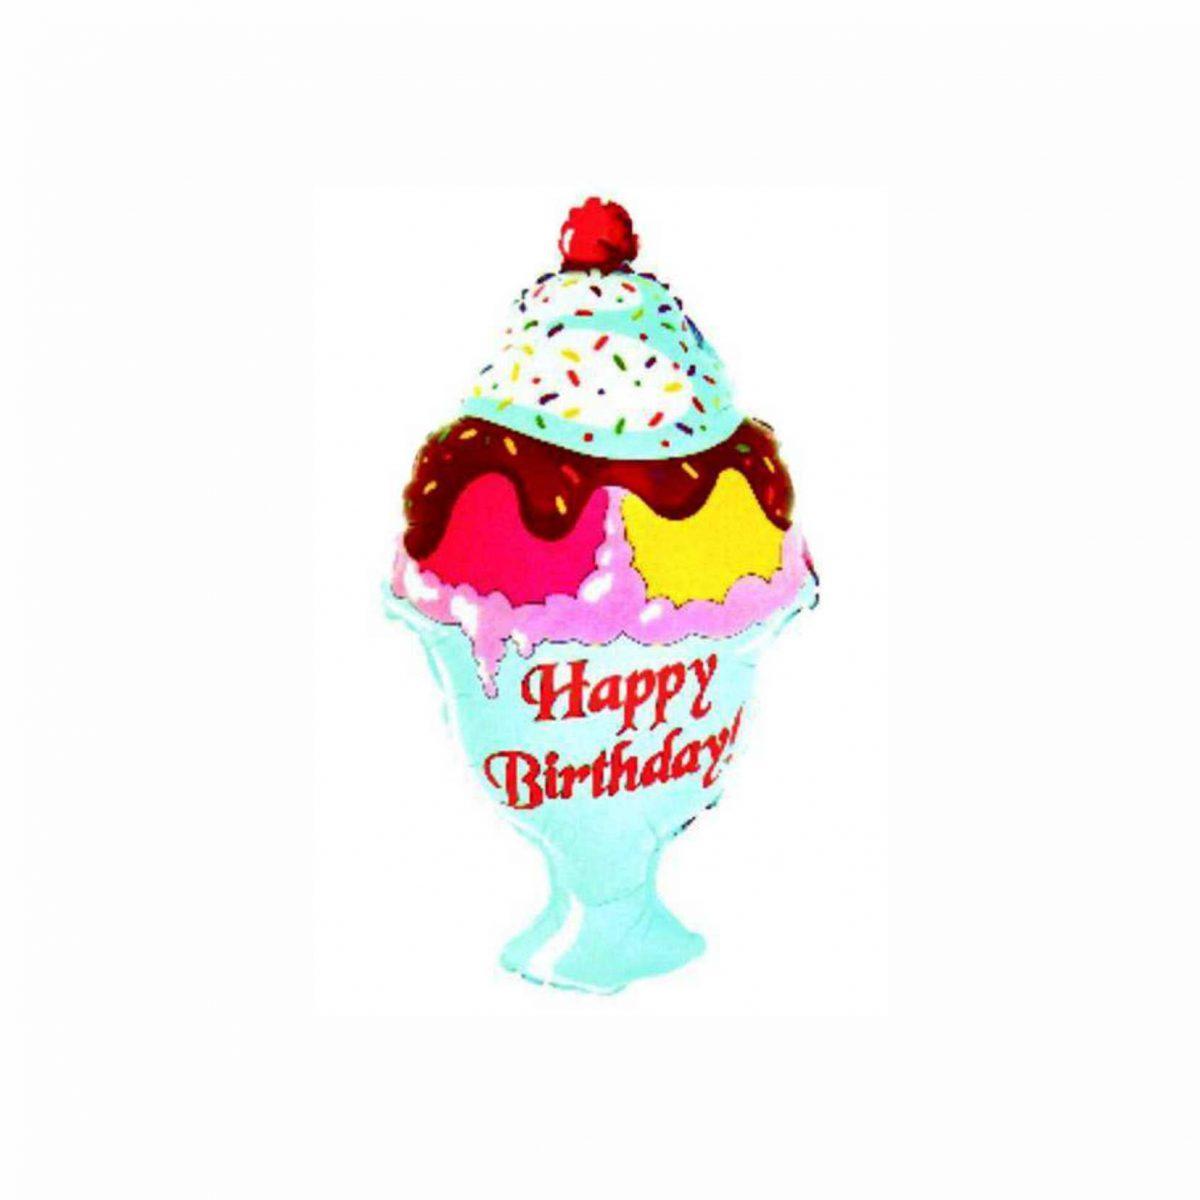 Μπαλόνι παγωτό Happy Birthday 70 εκ